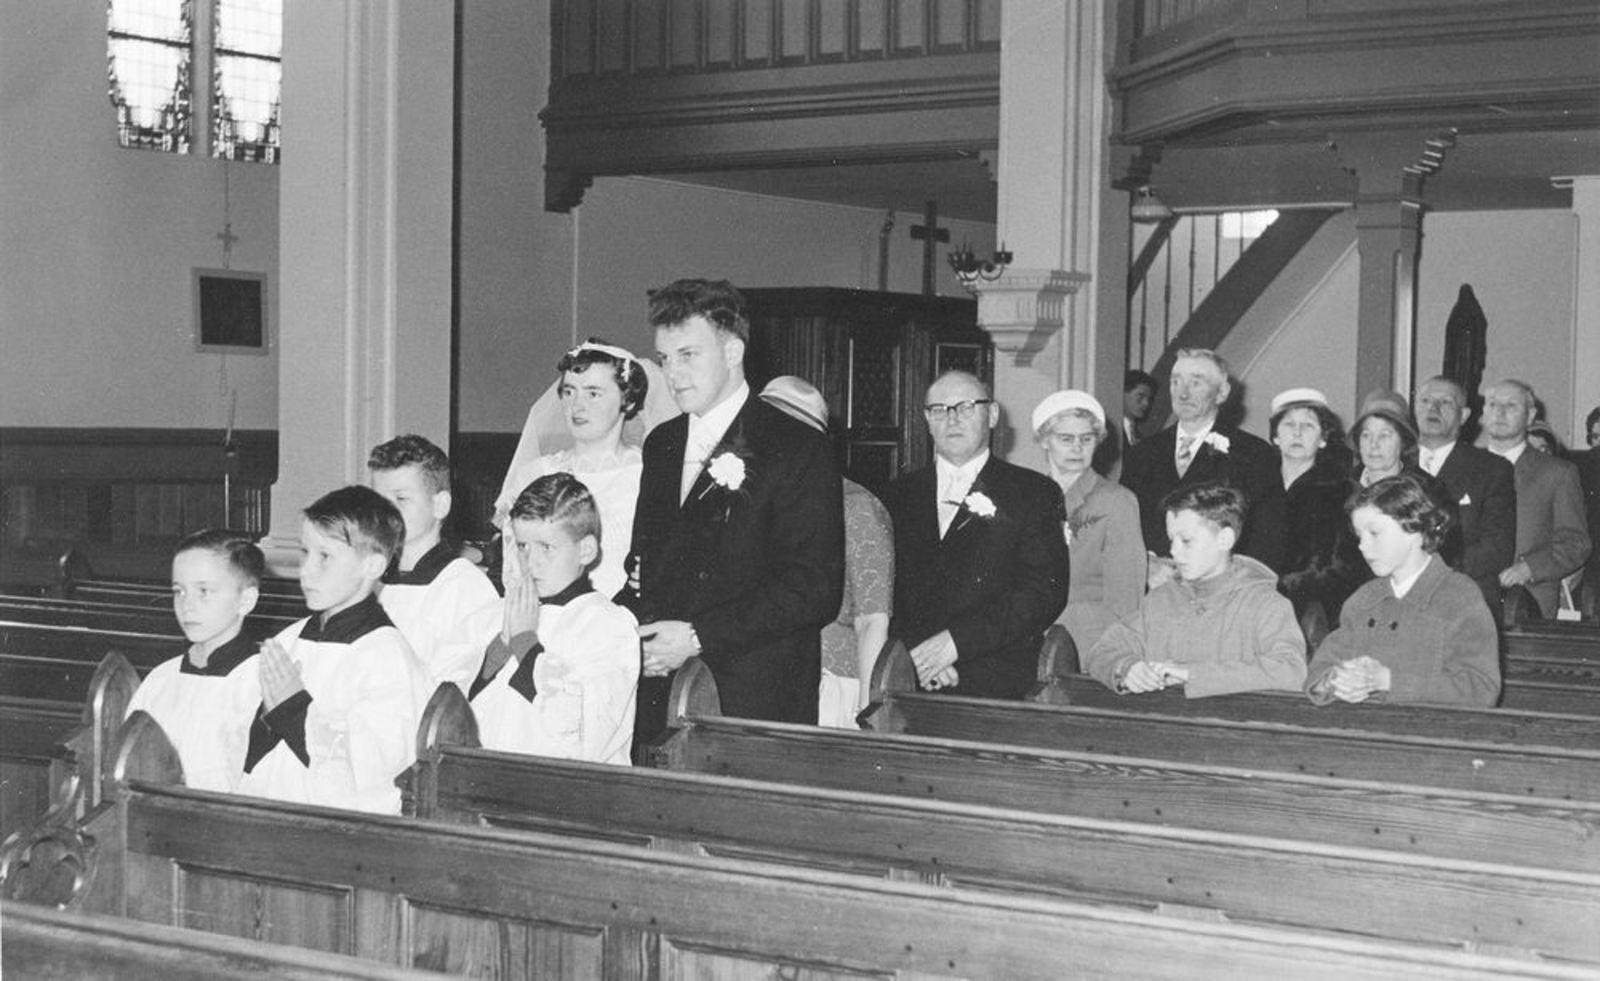 Kruisweg N 1069 1961 RK Kerk bij trouwen Ria Koeckhoven 03